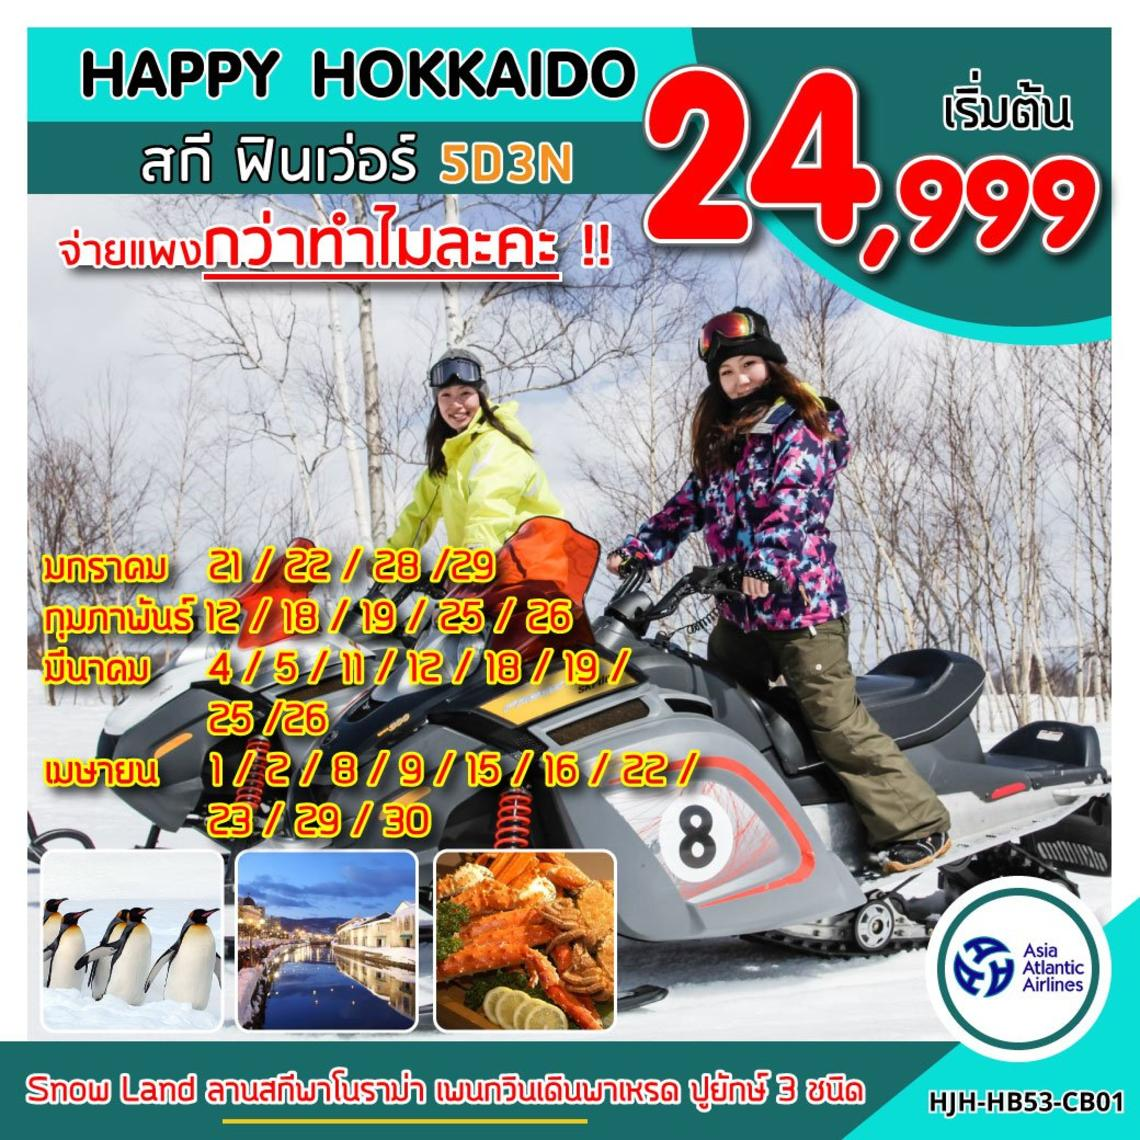 ทัวร์ฮอกไกโด สกี ฟินเวอร์ HJH-HB53-CB01 HAPPY HOKKAIDO สกี ฟินเว่อร์